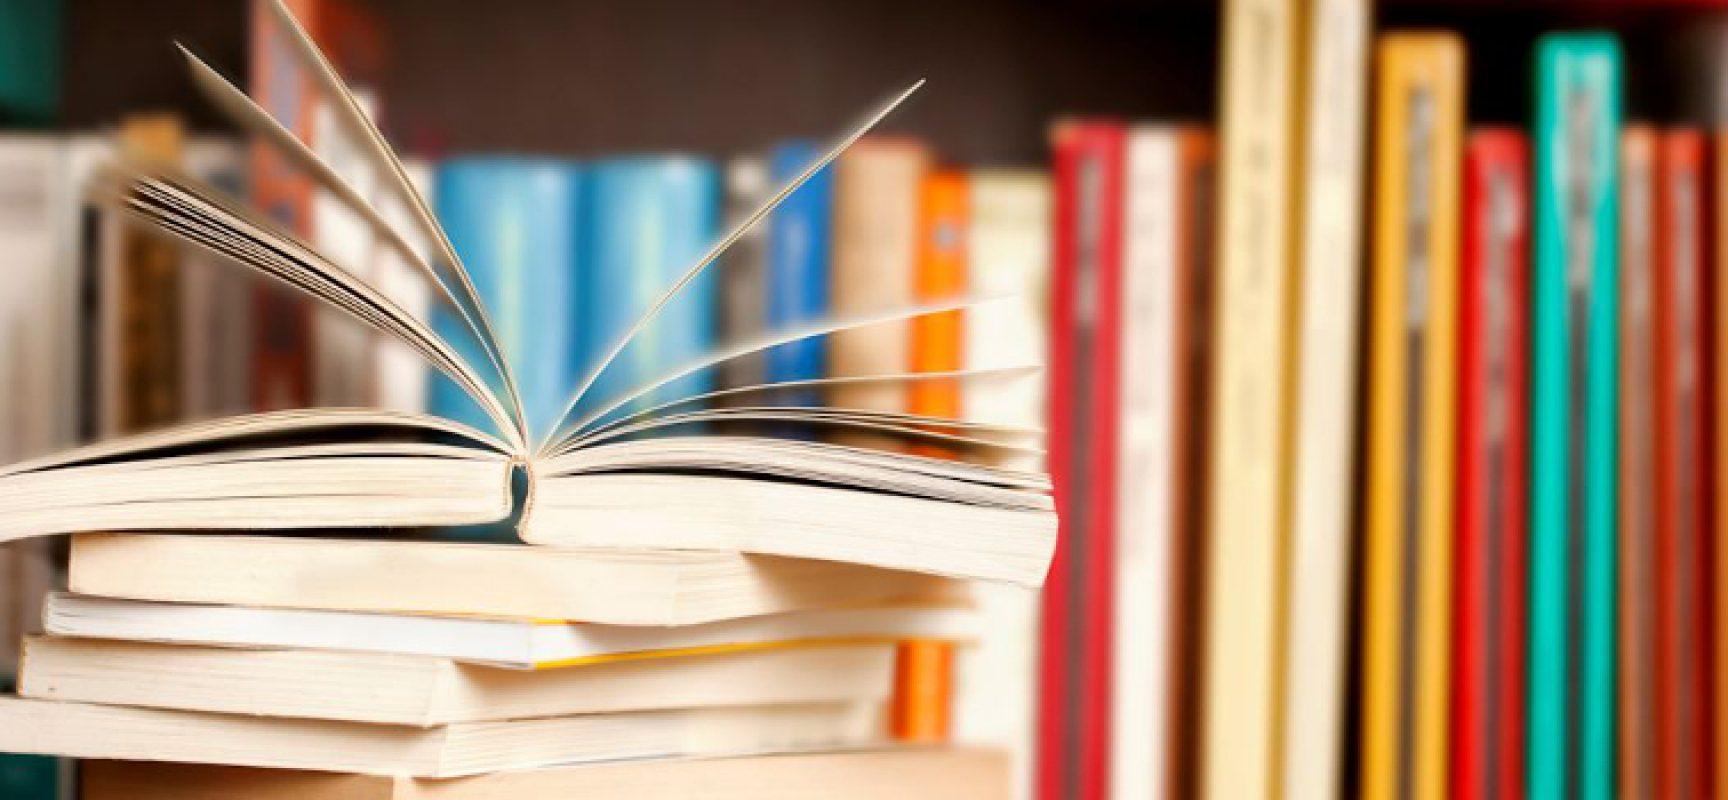 Ebiter Bari-Bat, 150 euro di bonus libri ai dipendenti del terziario / DETTAGLI